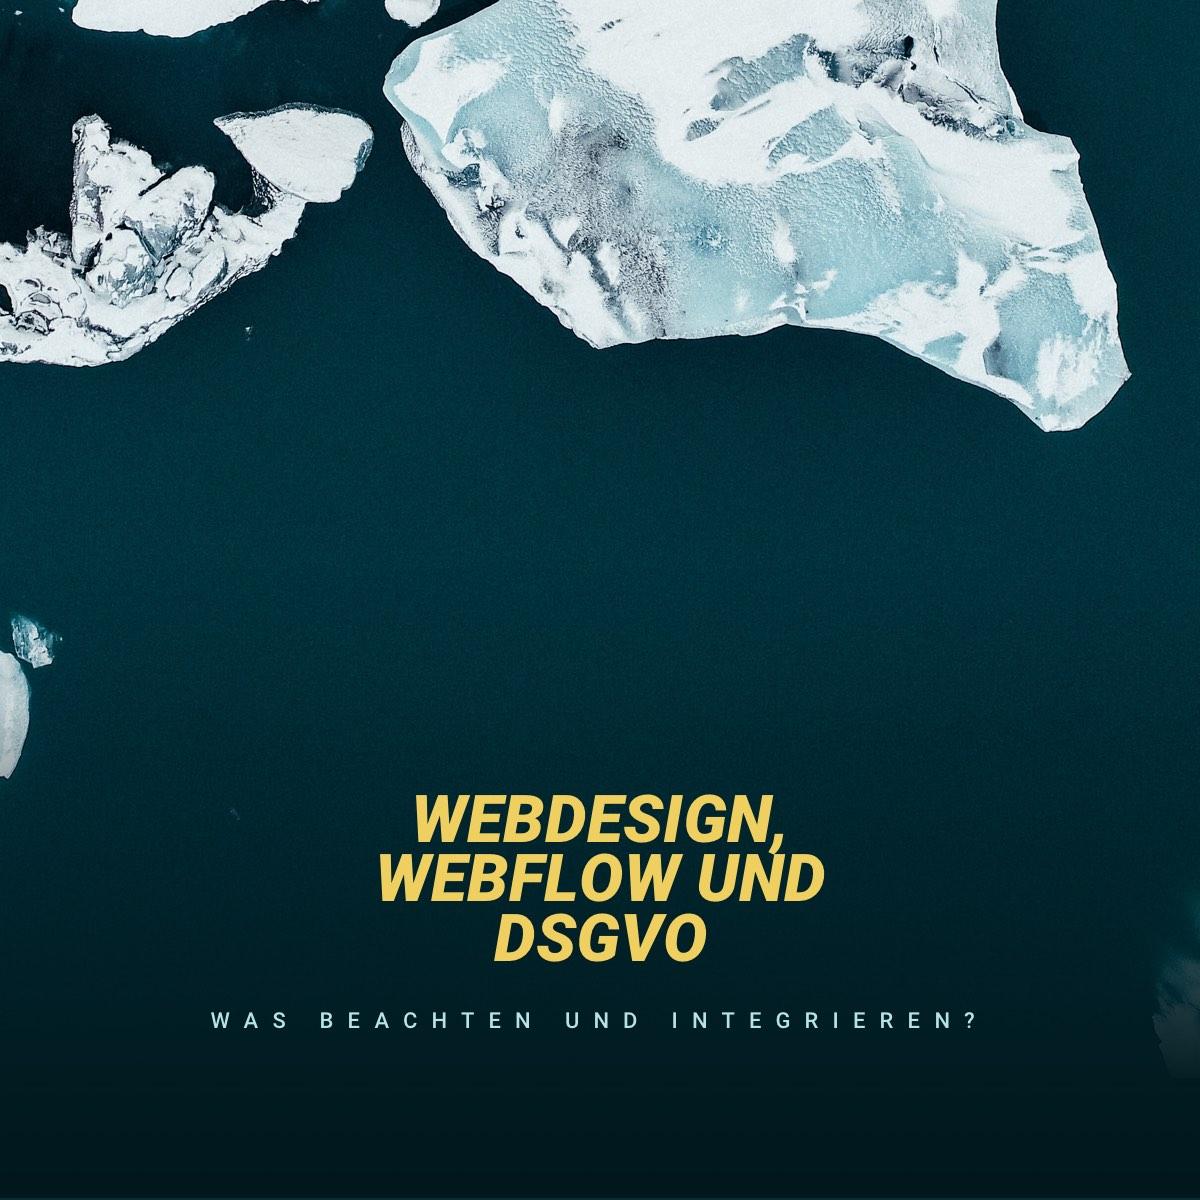 Webdesign, Webflow und DSGVO: Was beachten und integrieren?